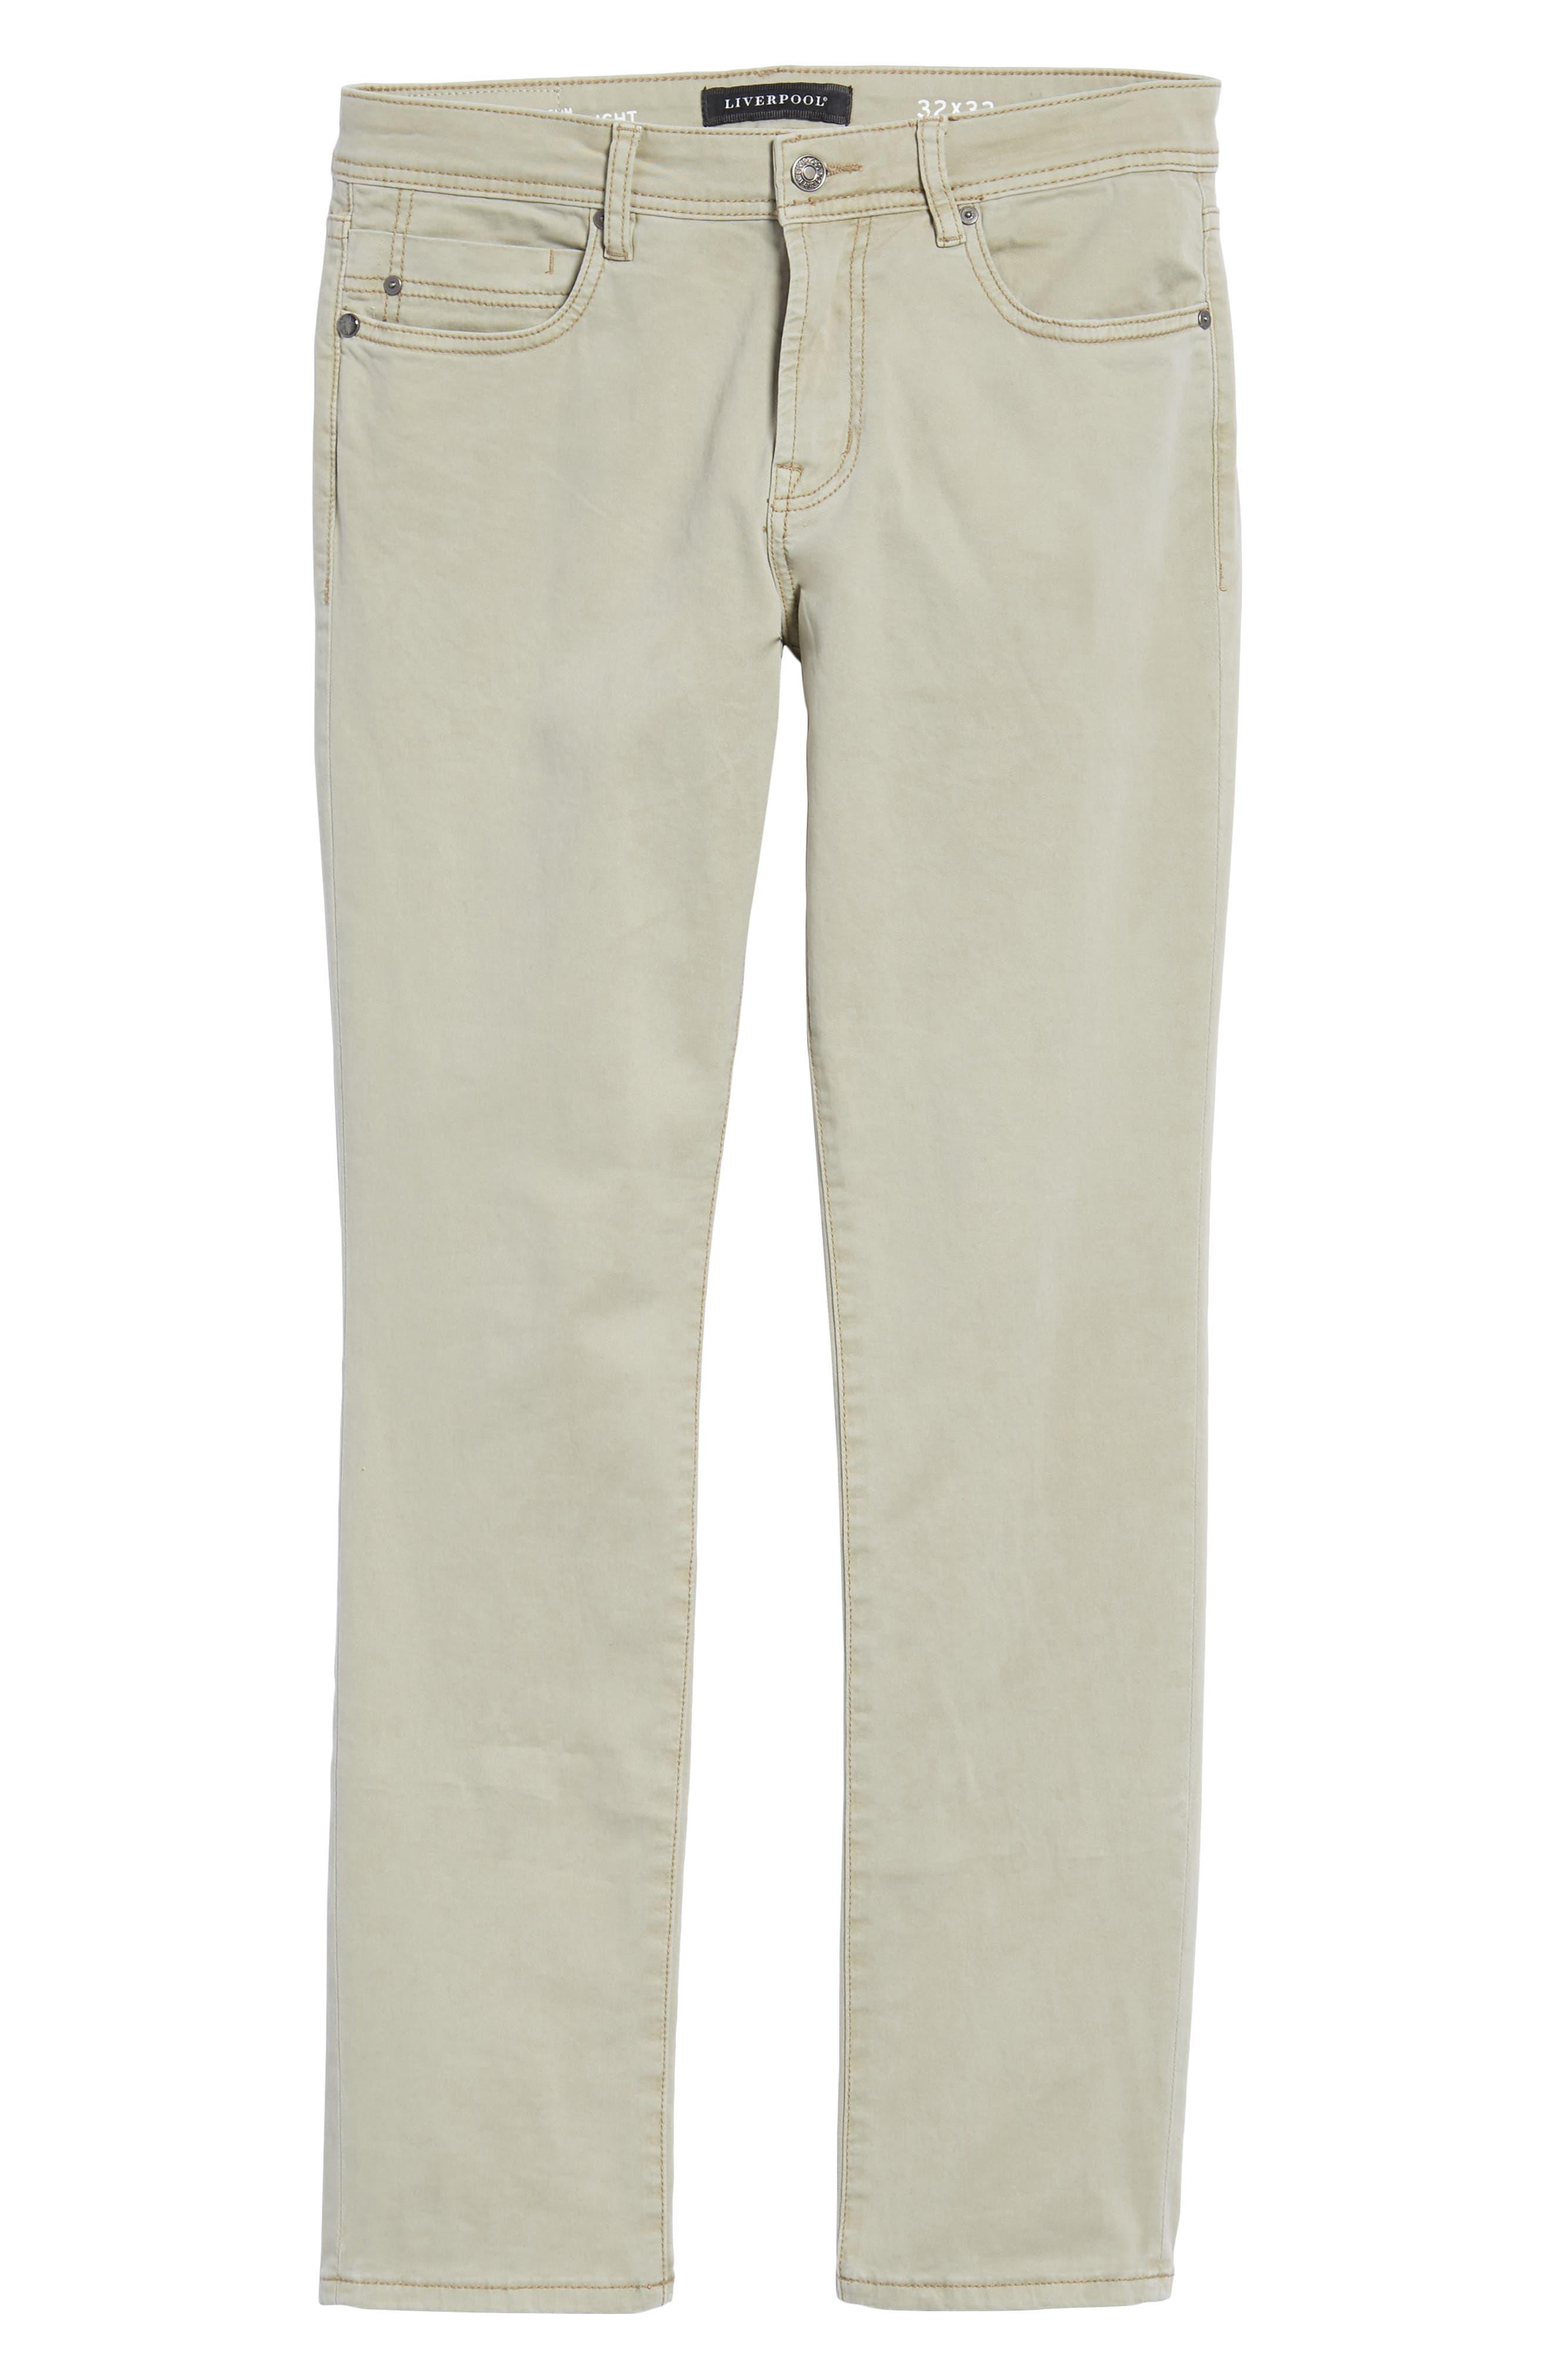 Jeans Co. Kingston Slim Straight Leg Jeans,                             Alternate thumbnail 6, color,                             SANDSTROM